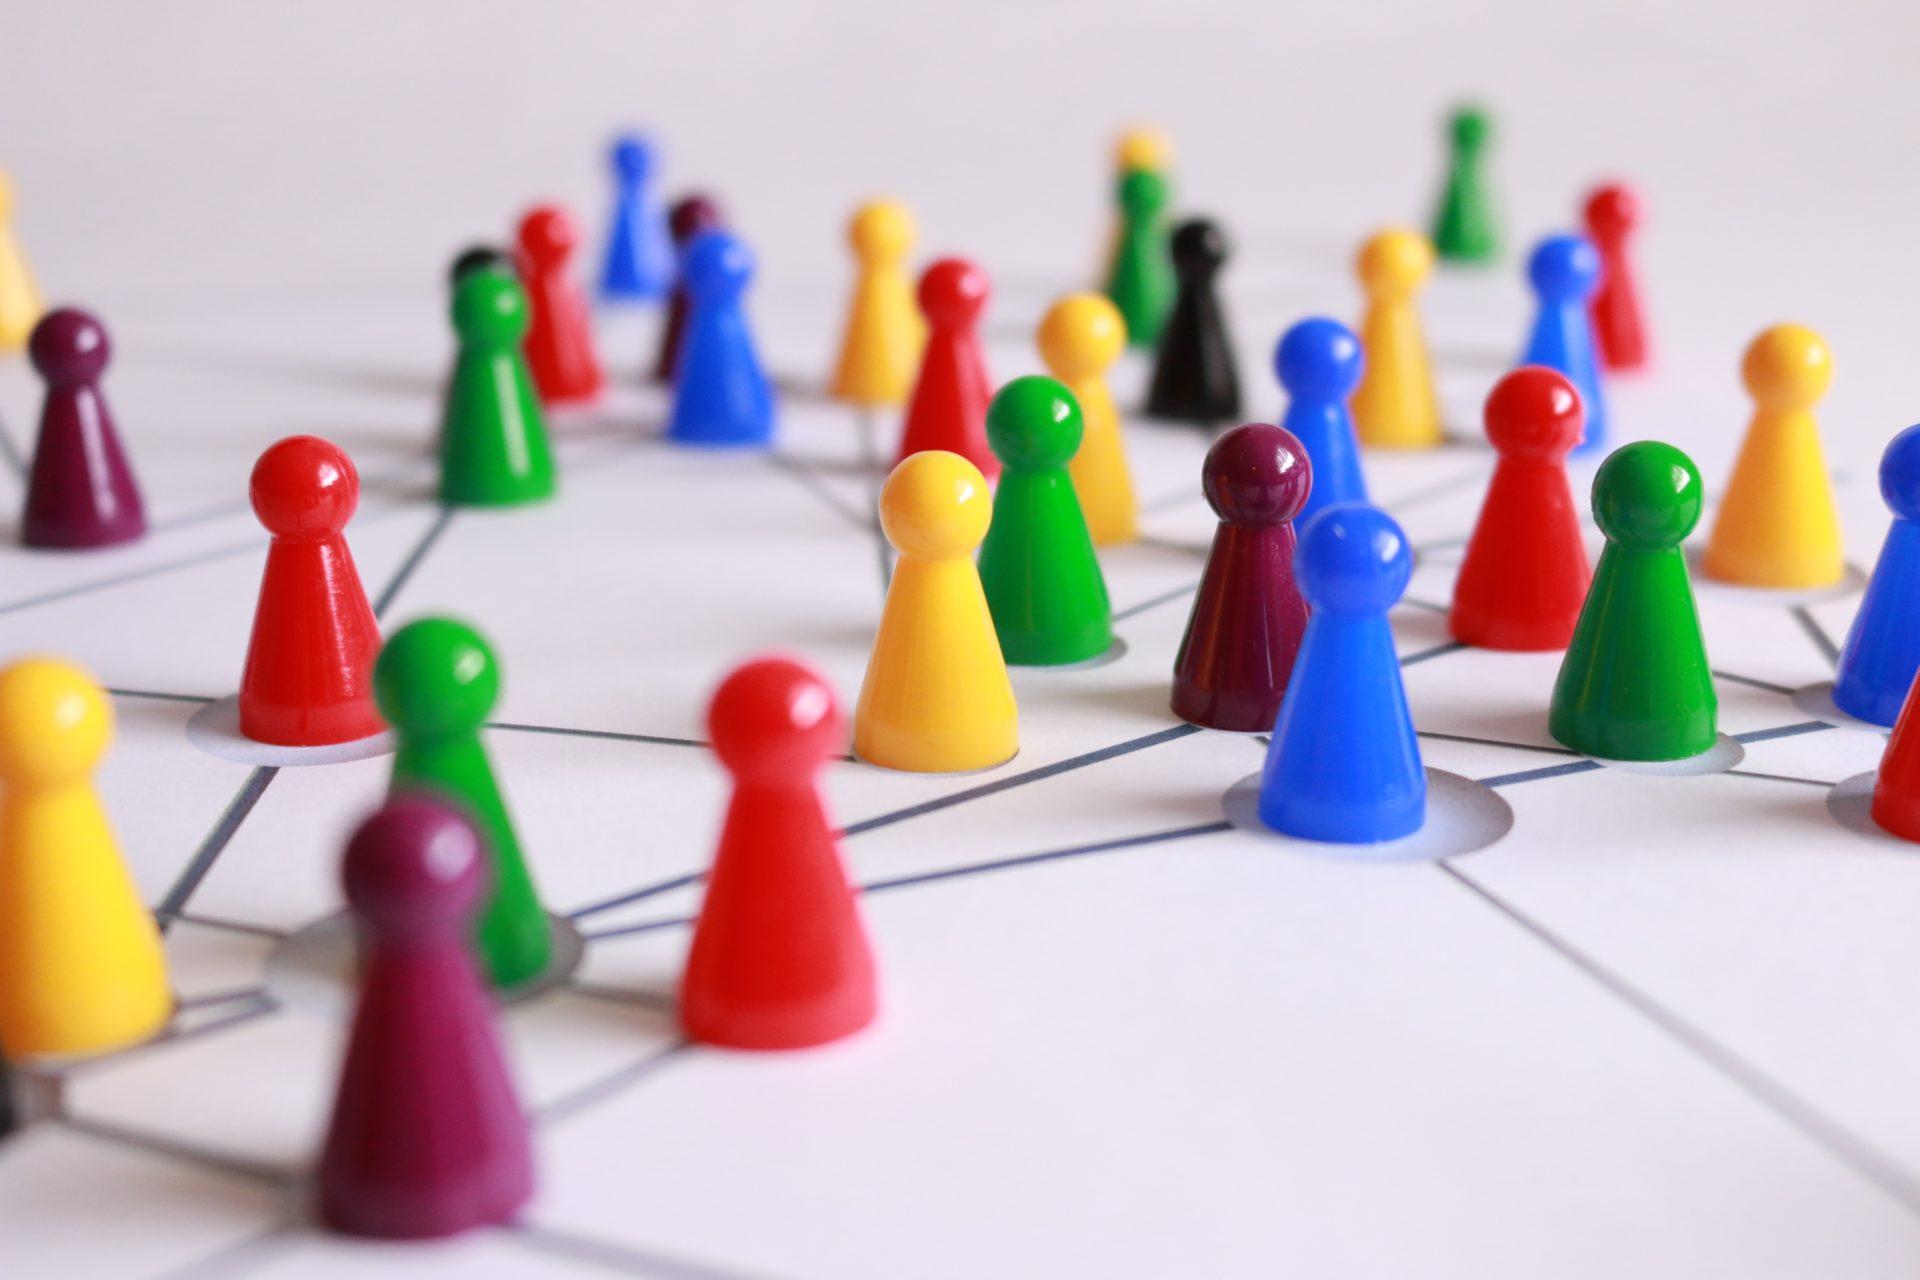 Simplifier la gouvernance des établissements publics de santé ?